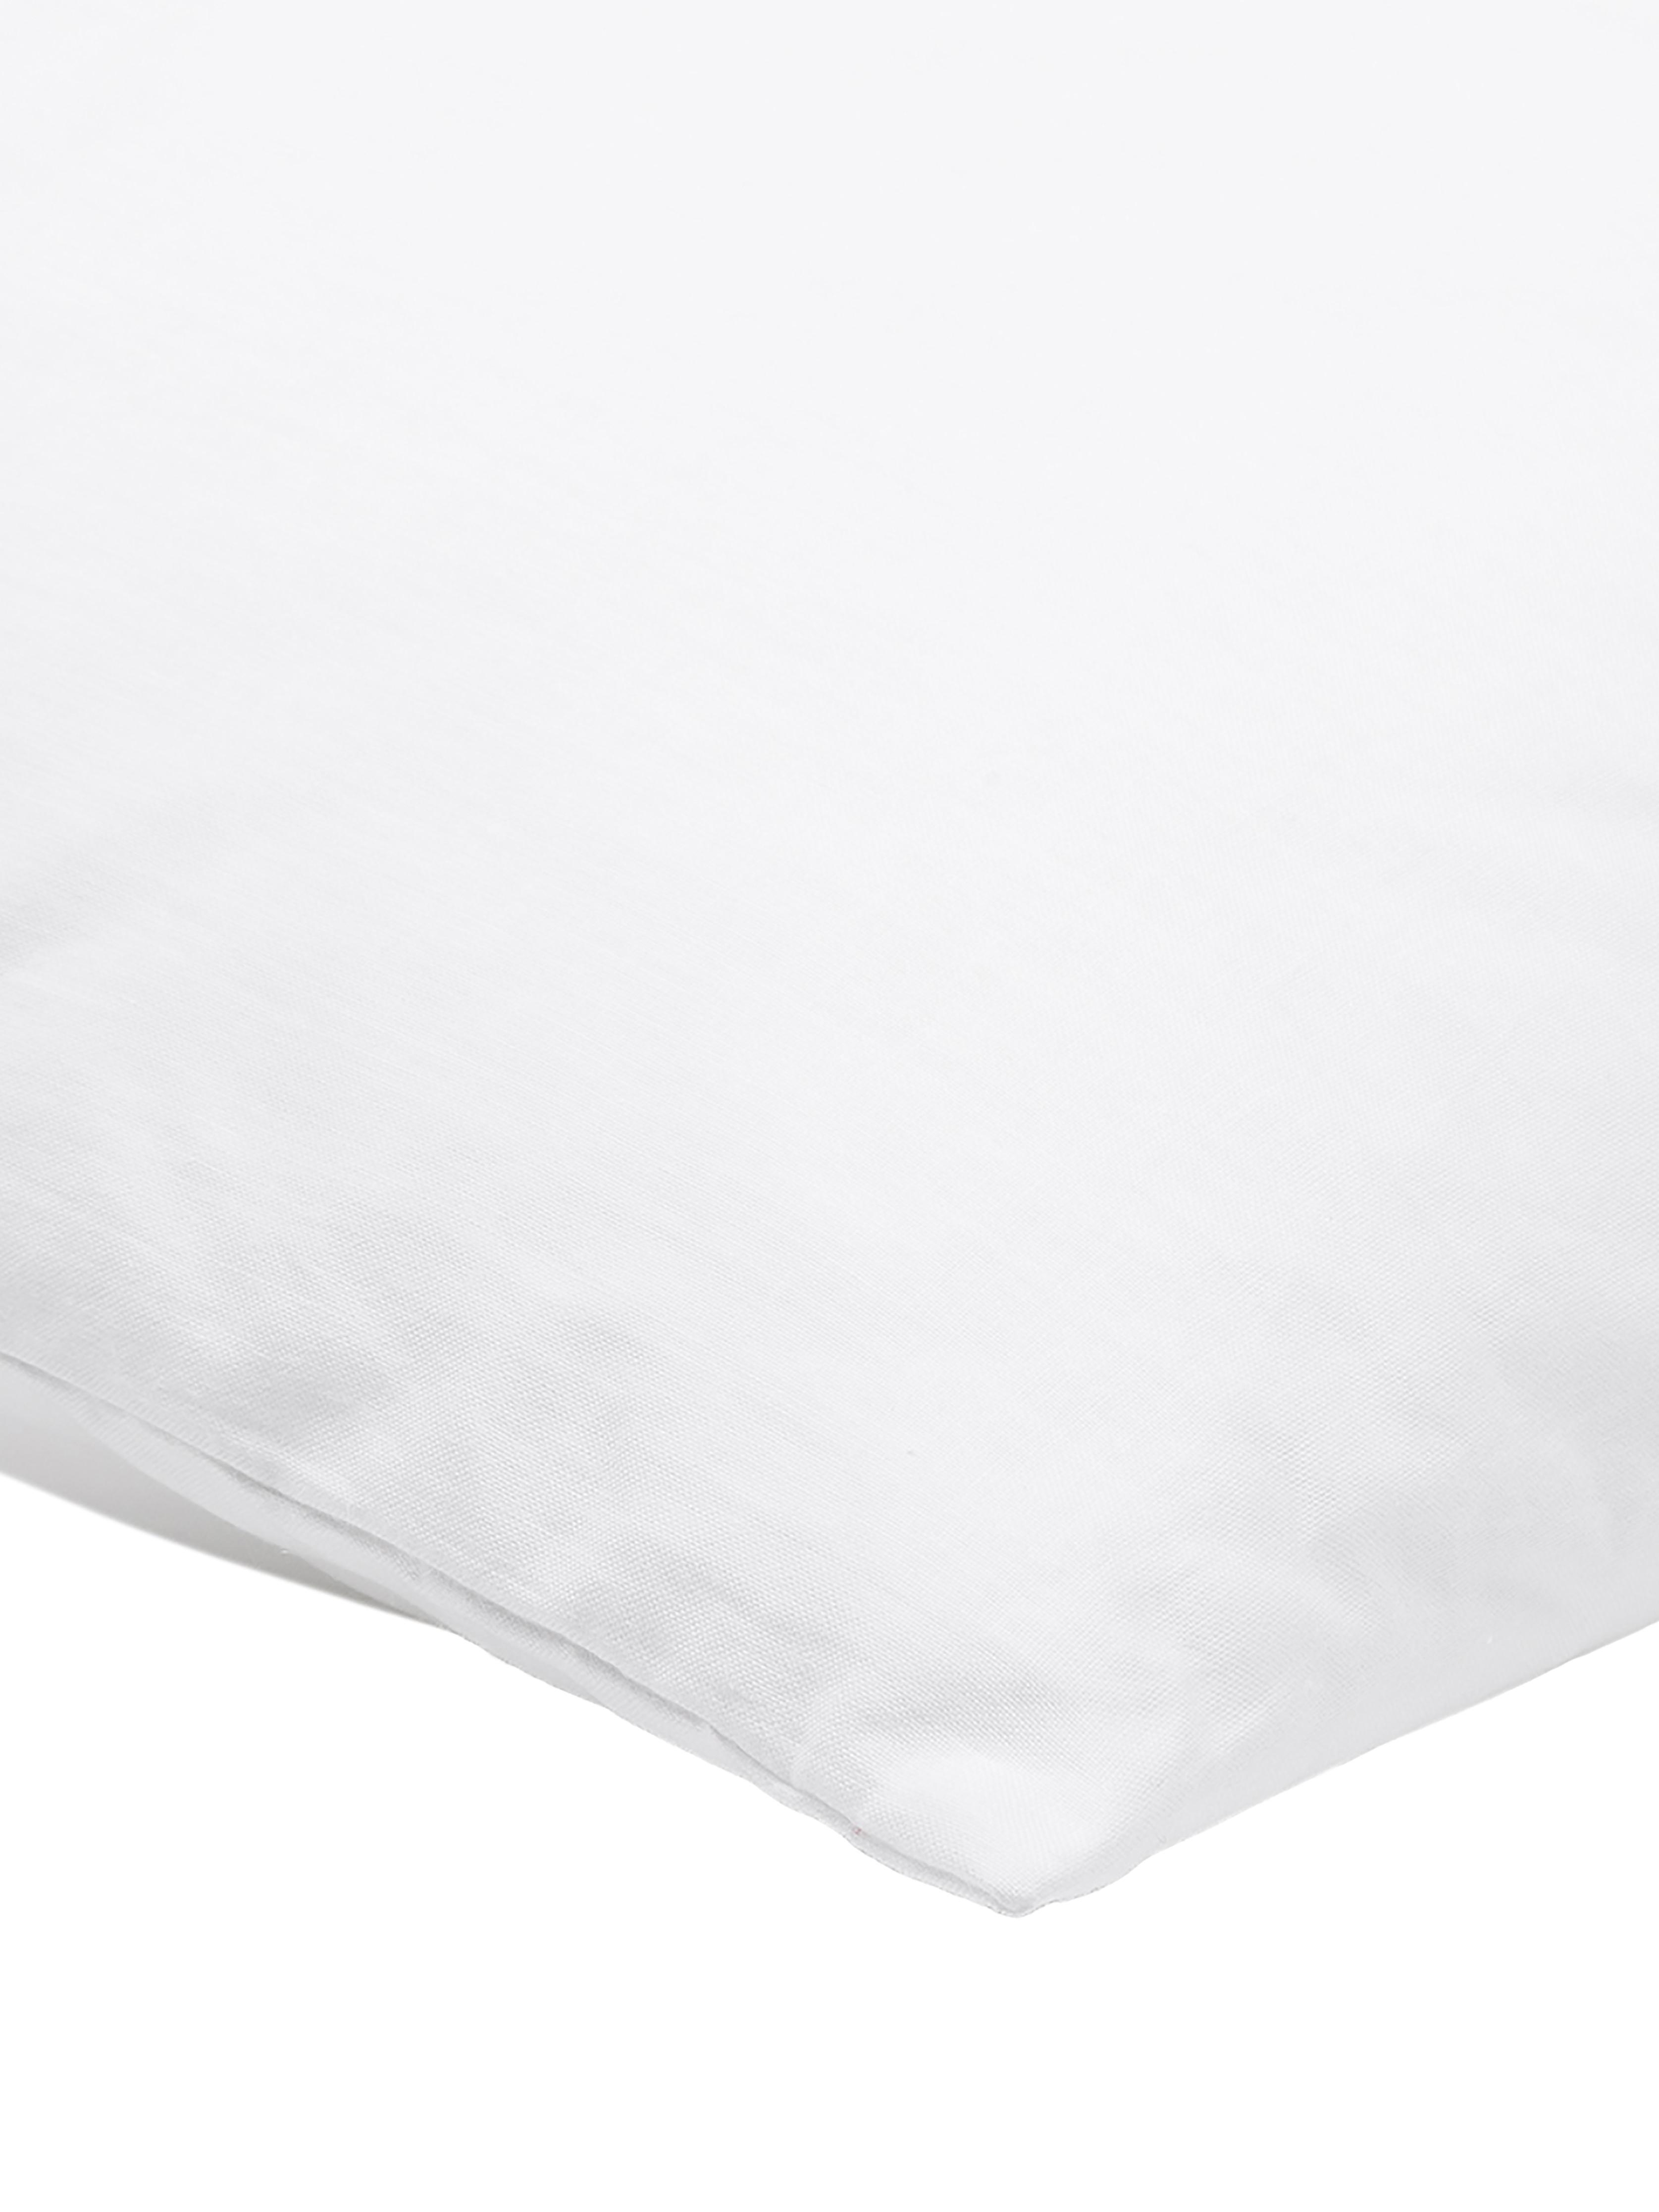 Kissen-Inlett Sia, 60x60, Microfaser-Füllung, Hülle: 100% Baumwolle, Weiß, 60 x 60 cm